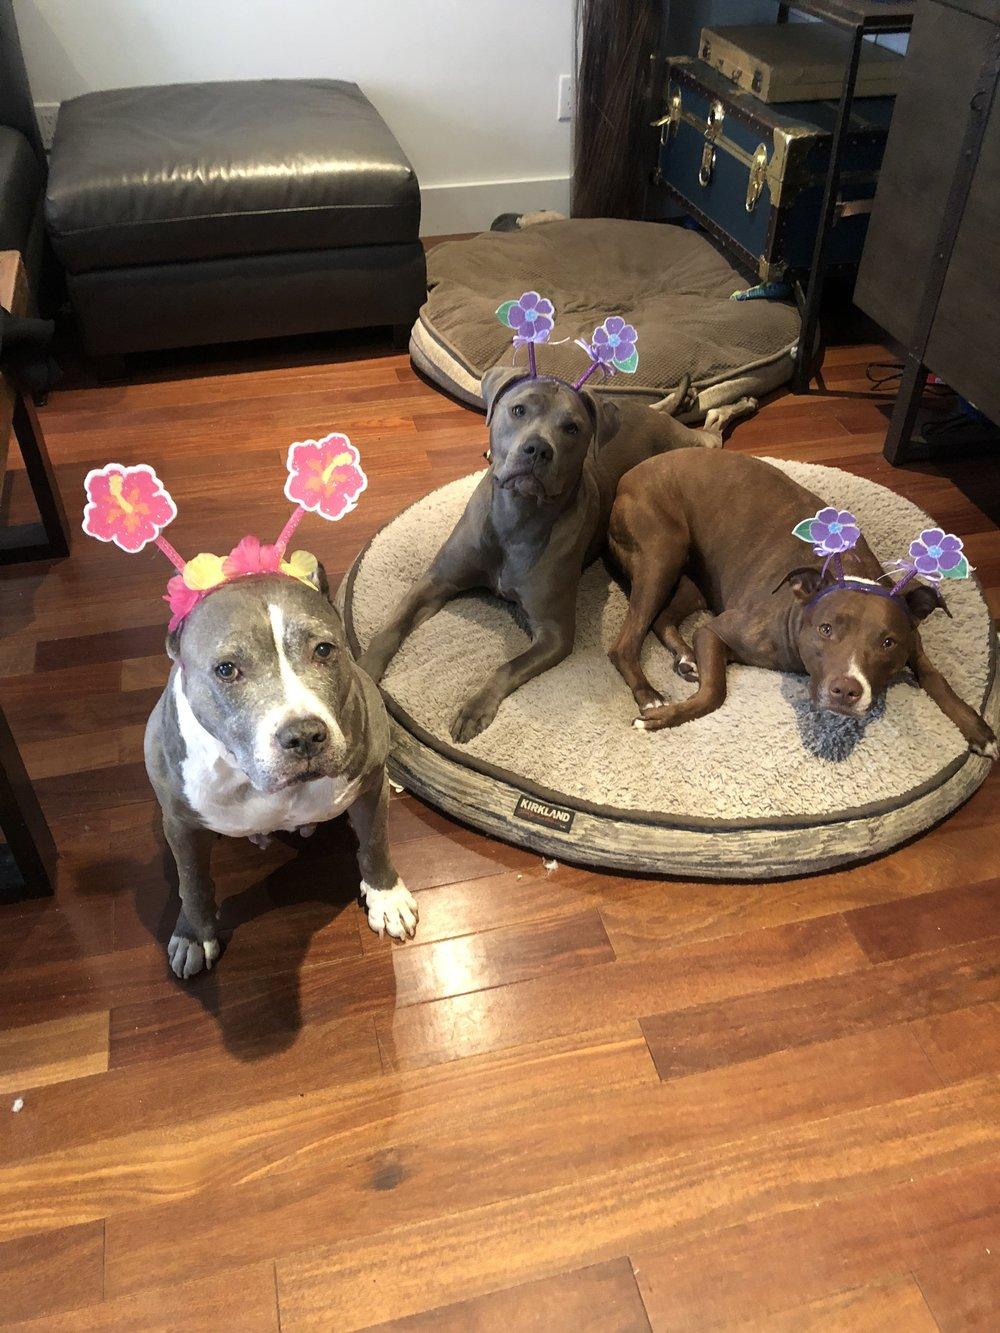 Sisters in their flower headbands